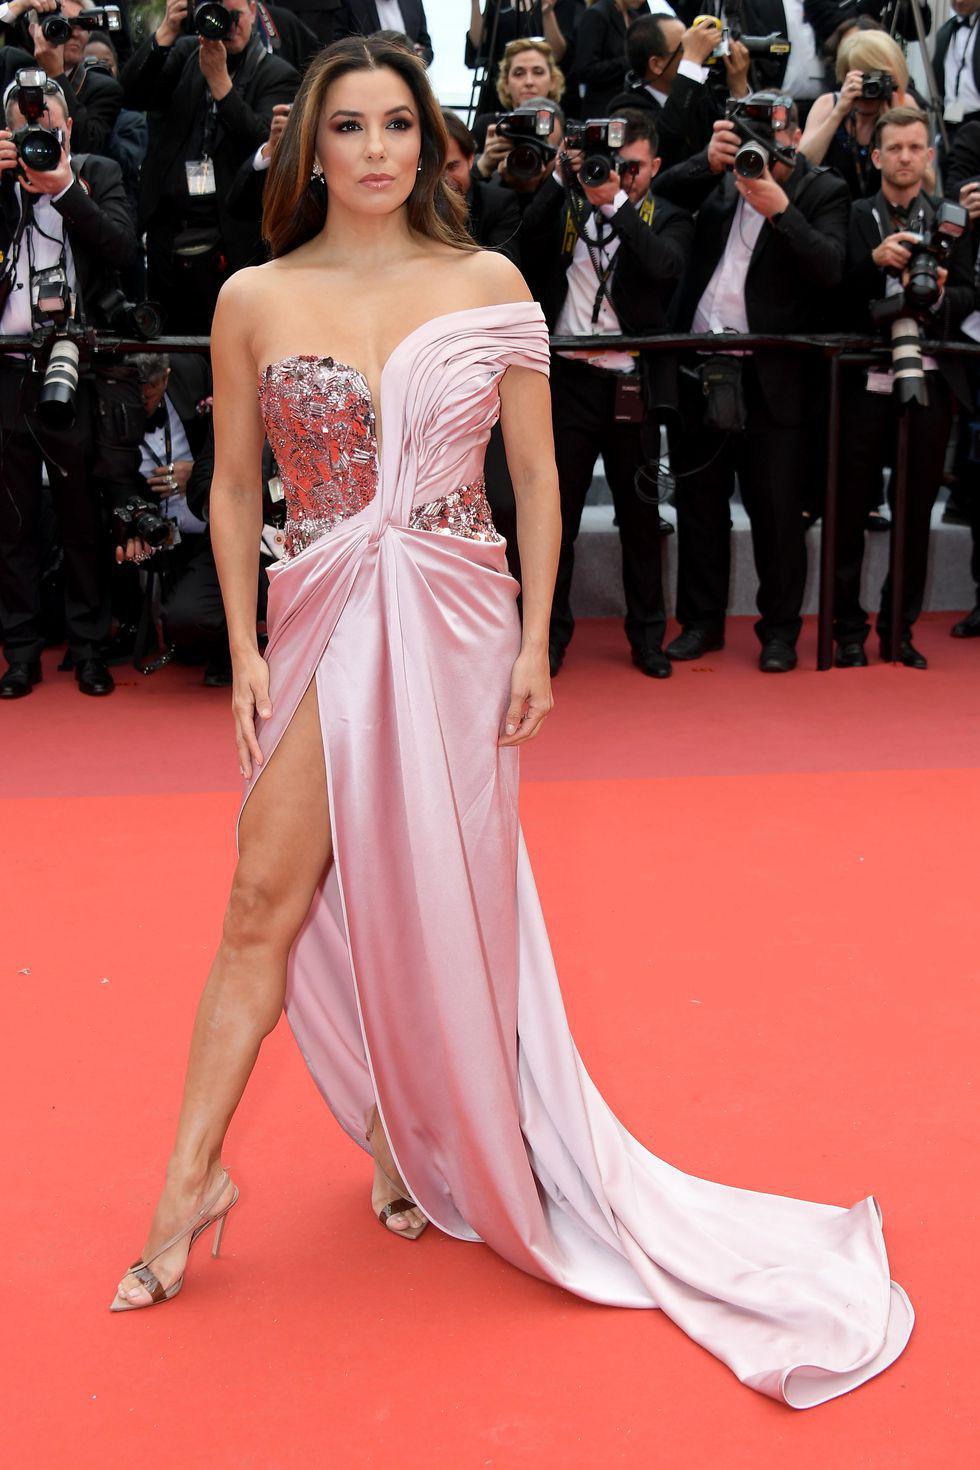 Cannes khai mạc với zombie, chính trị và bình đẳng giới - Ảnh 10.